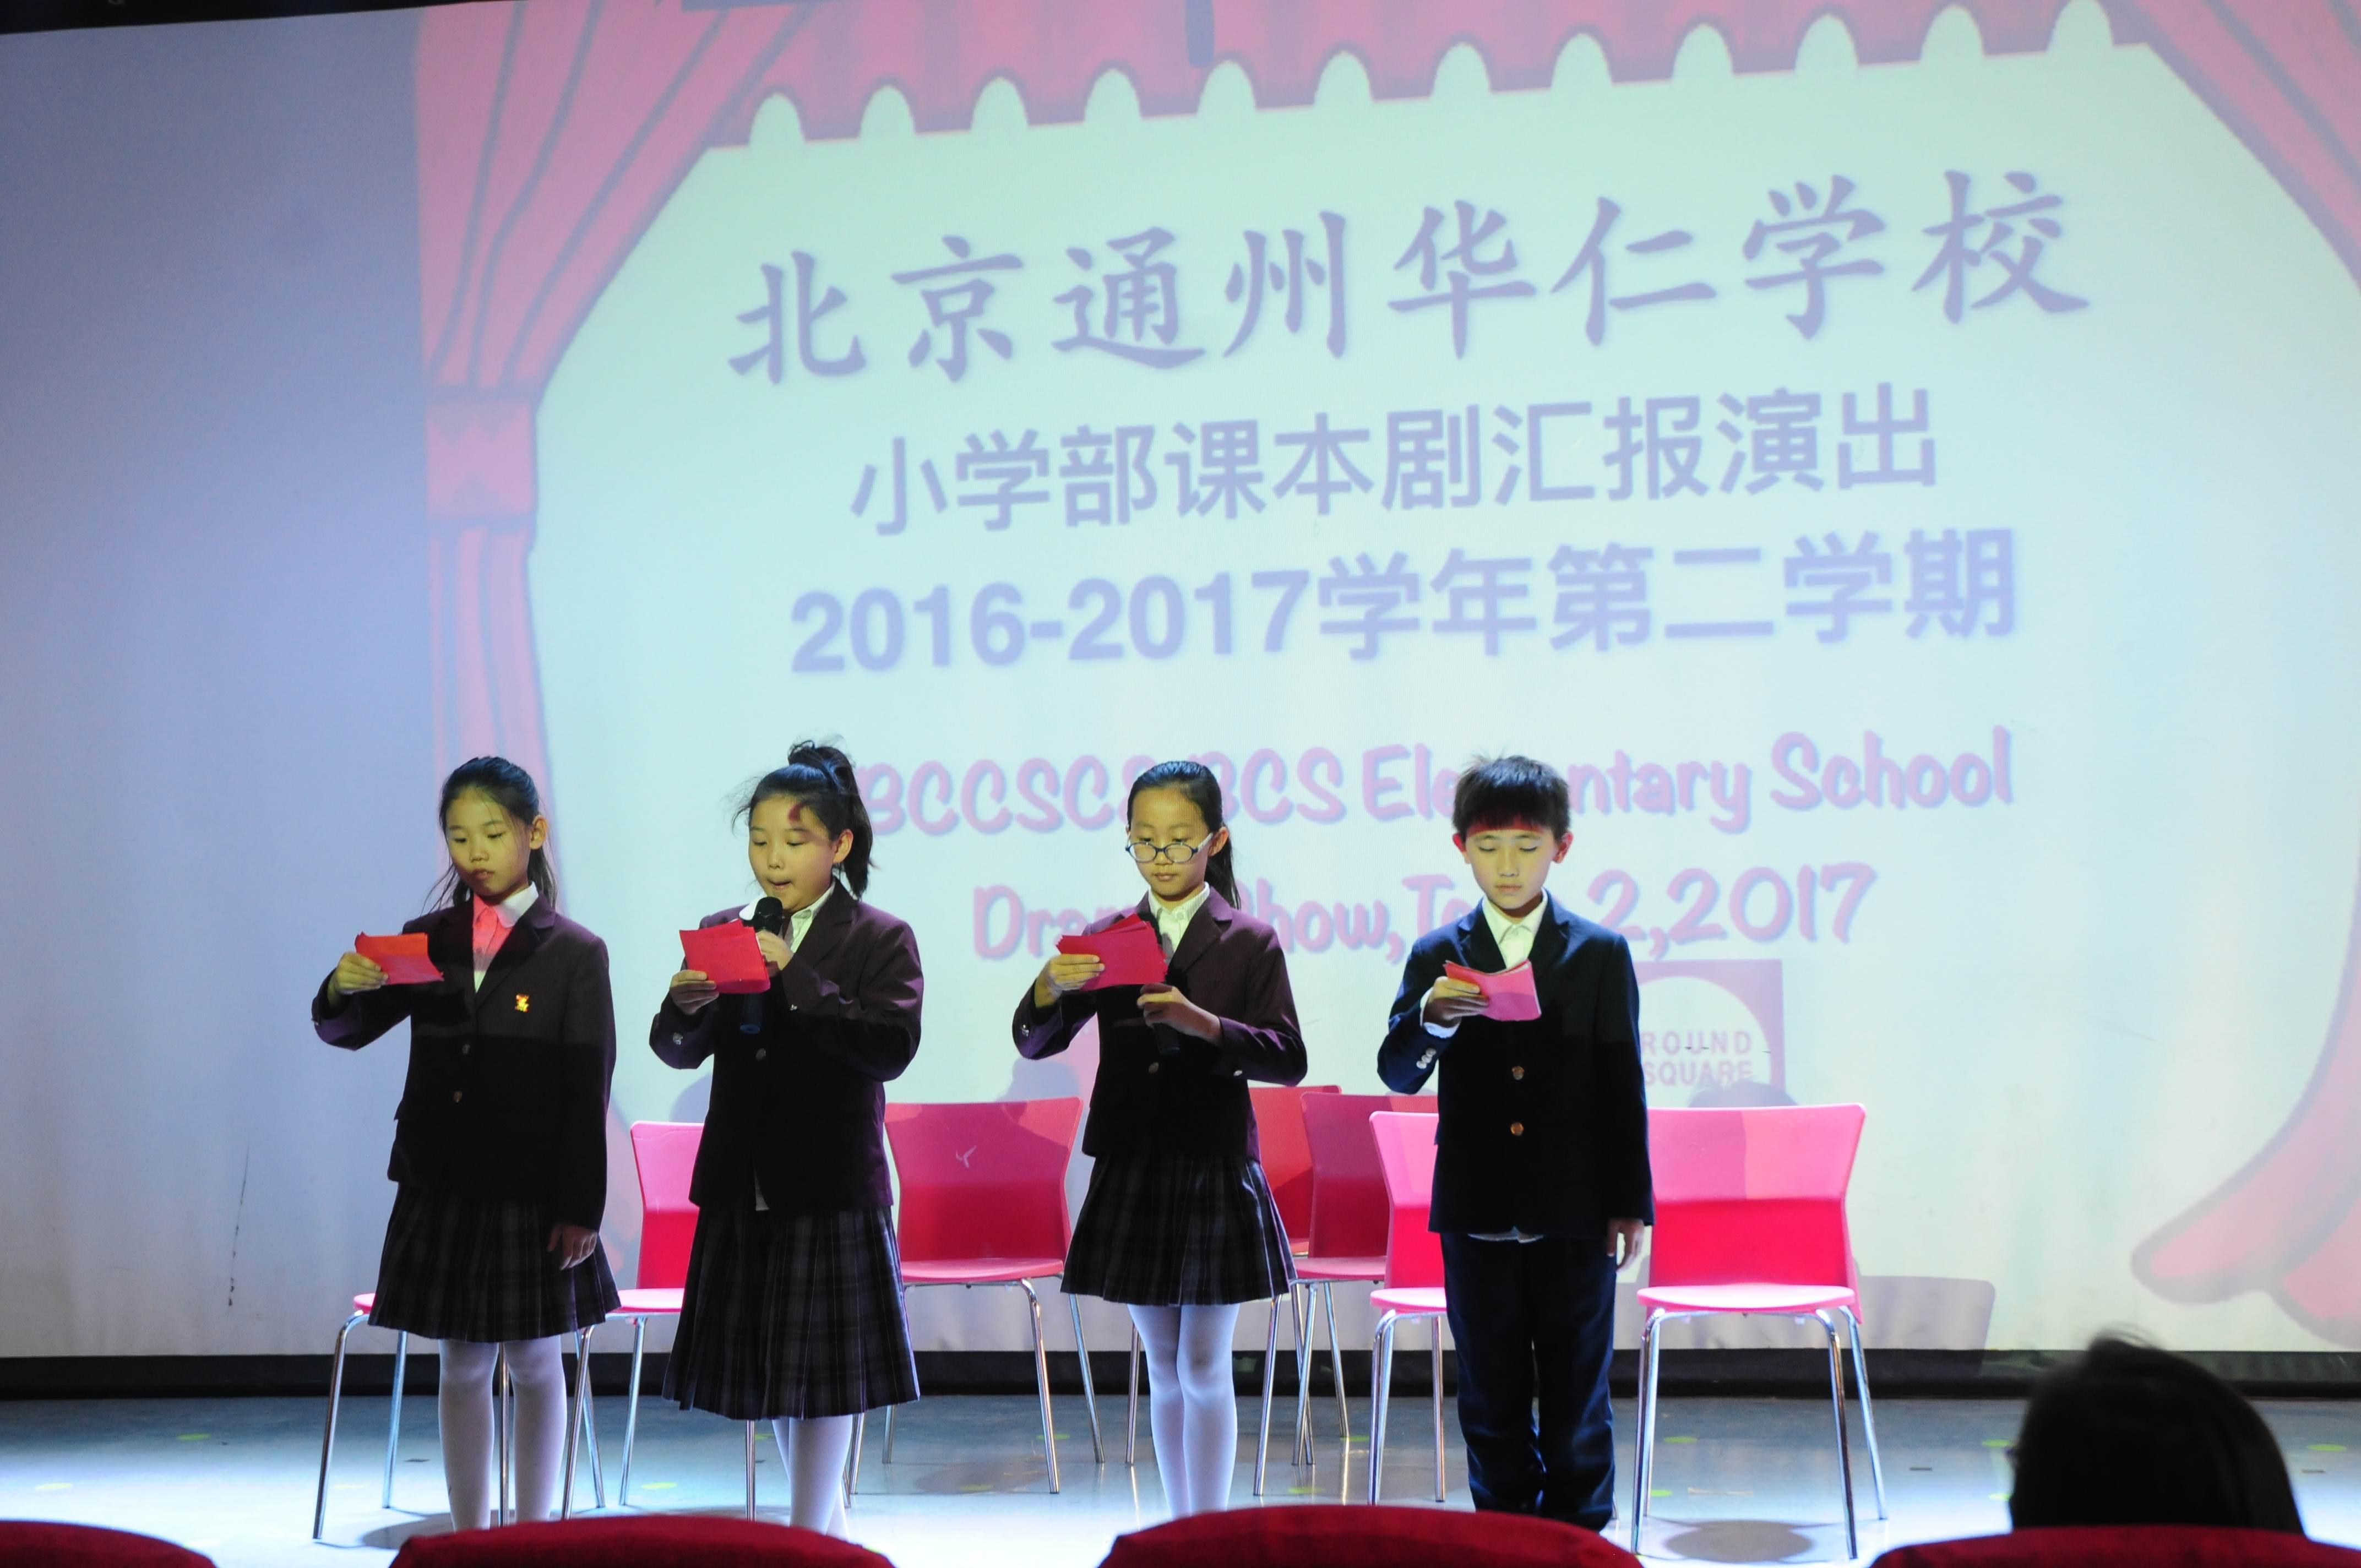 北京中加华仁学校小学部招生简章